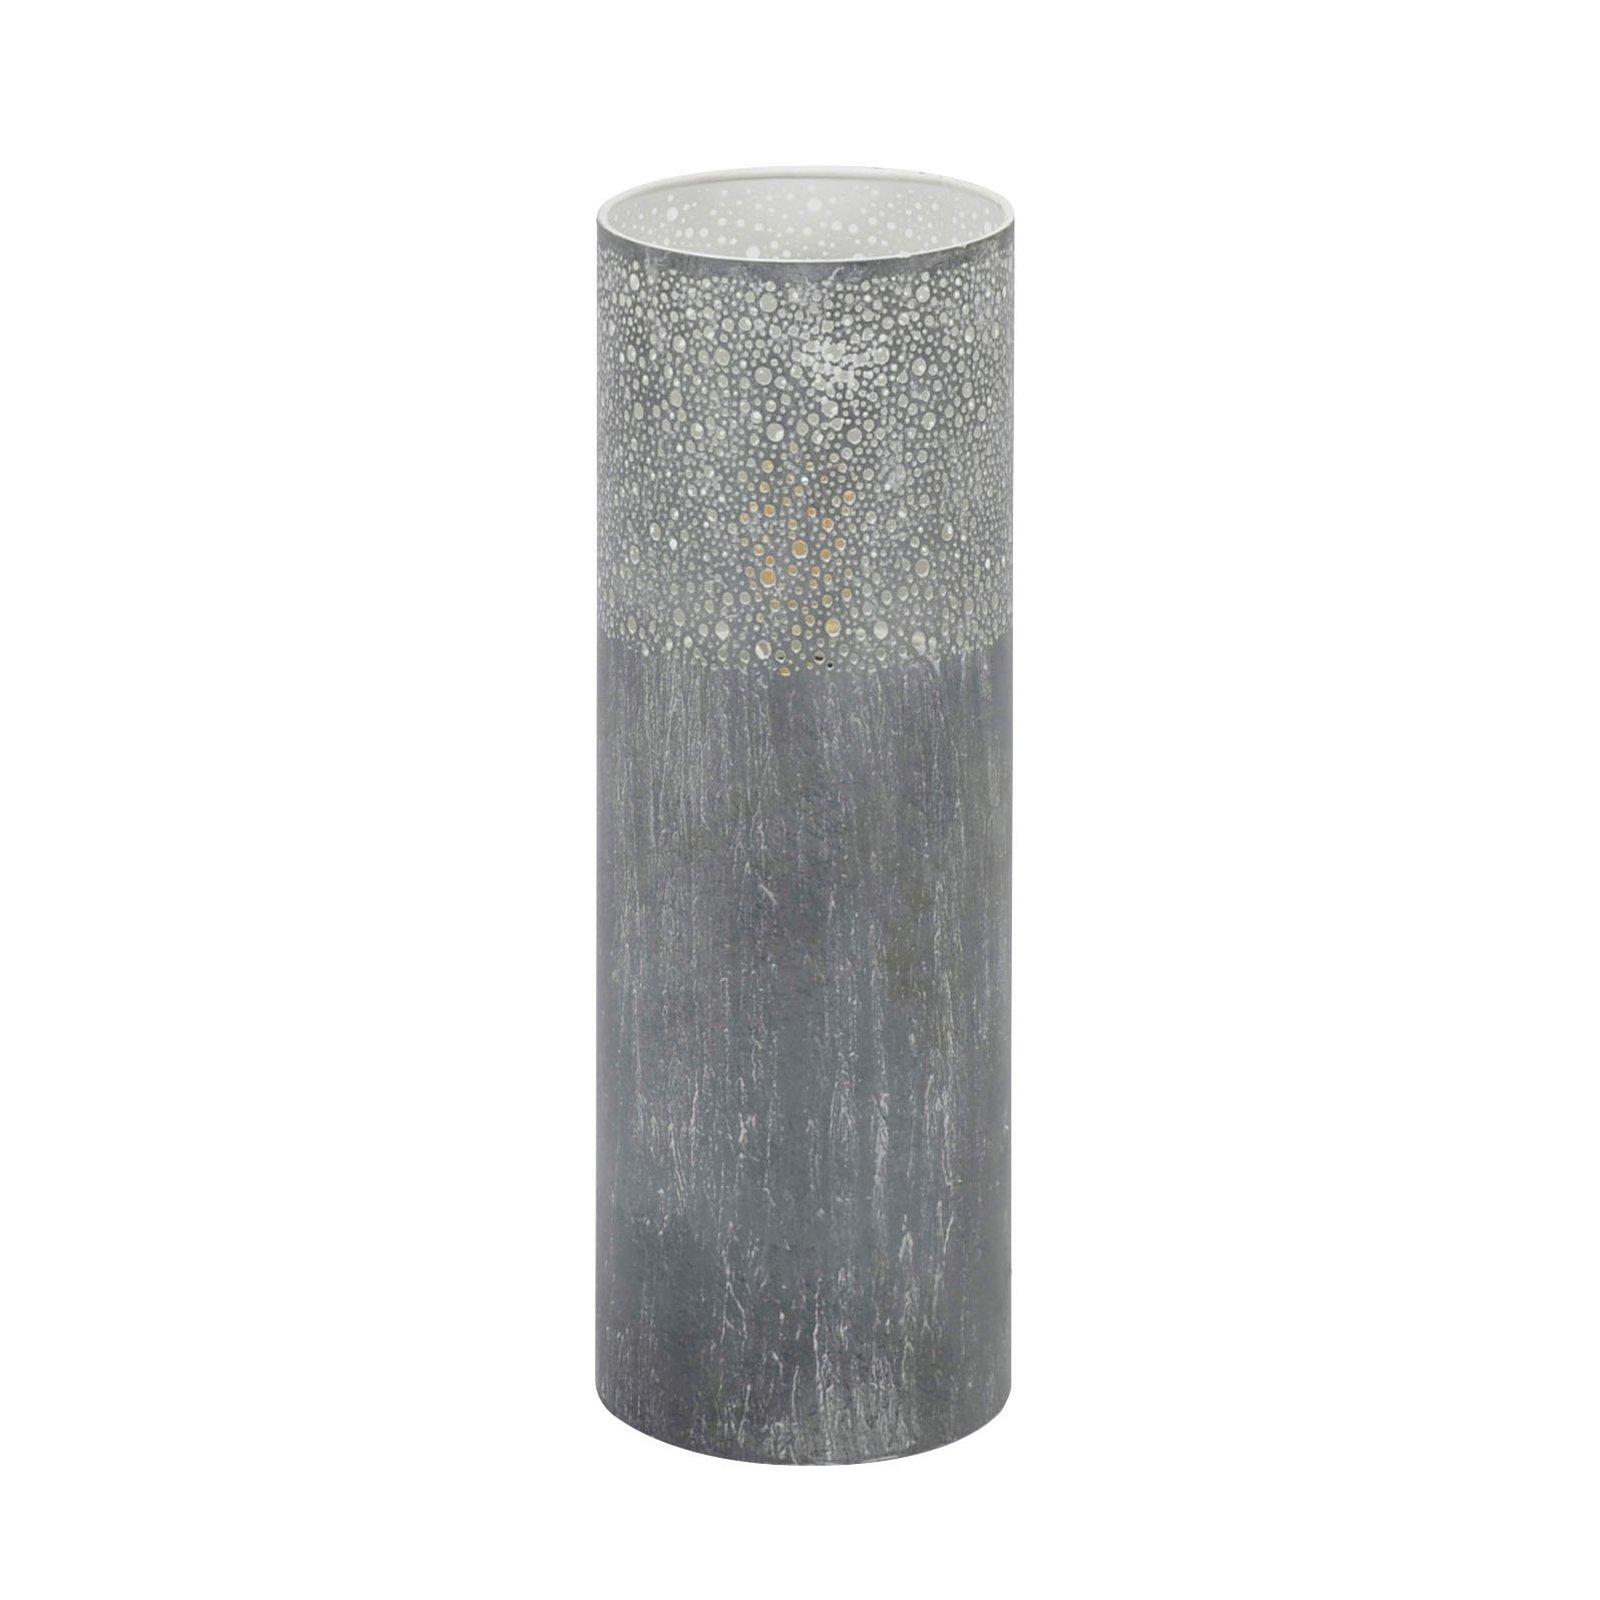 Gulvlampe Holinder, høyde 60 cm